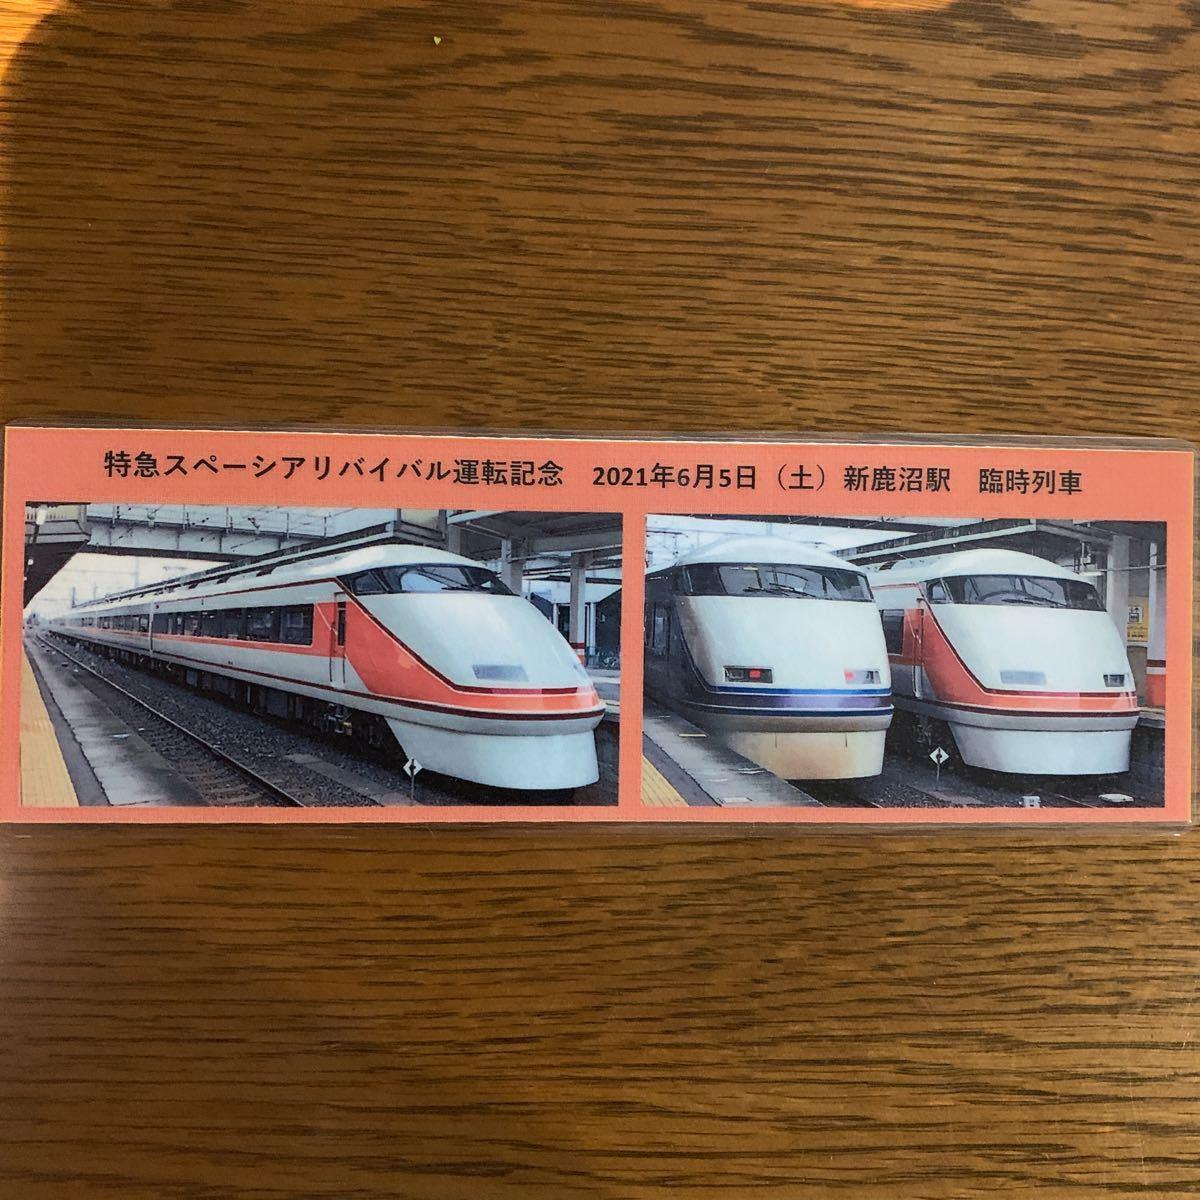 【東武鉄道】【スペーシアリバイバルカラー】【記念乗車券 】【記念カード付き】